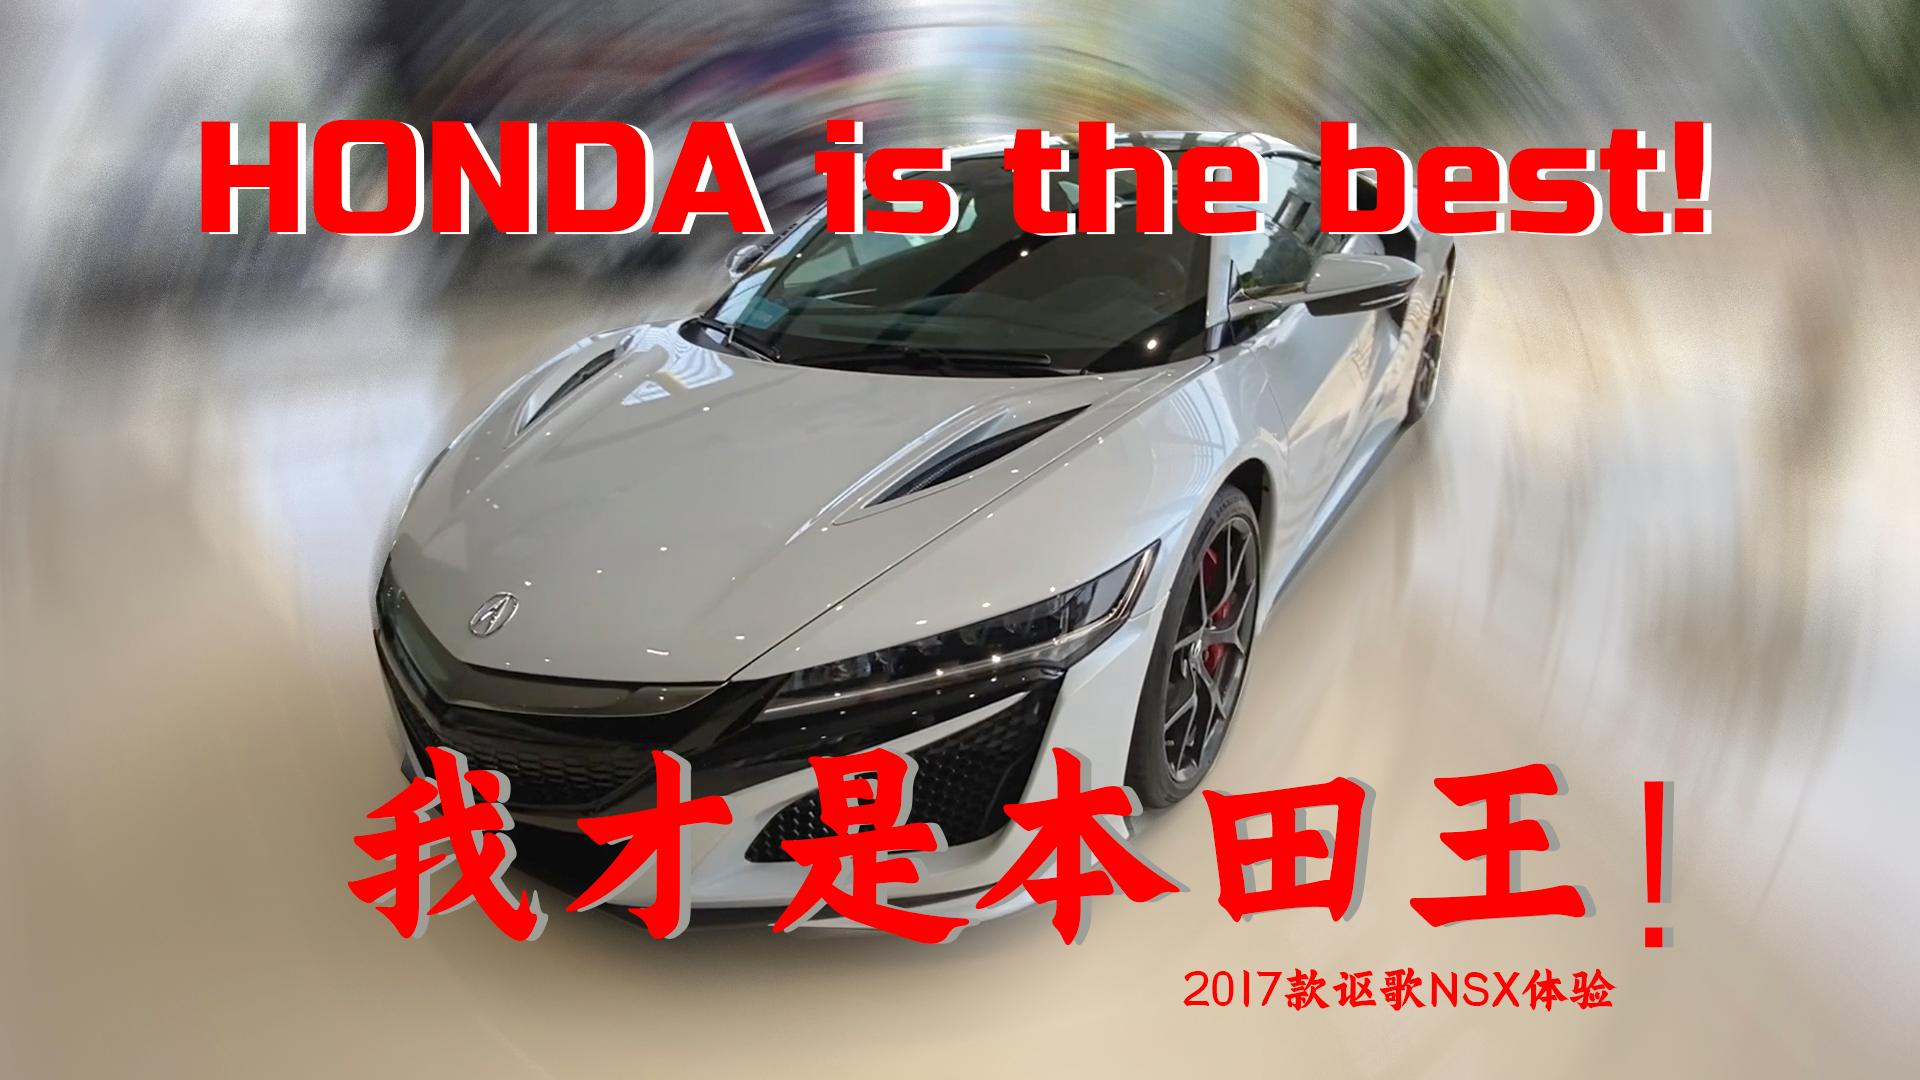 真正本田王 讴歌NSX honda is the best!新八闲唠